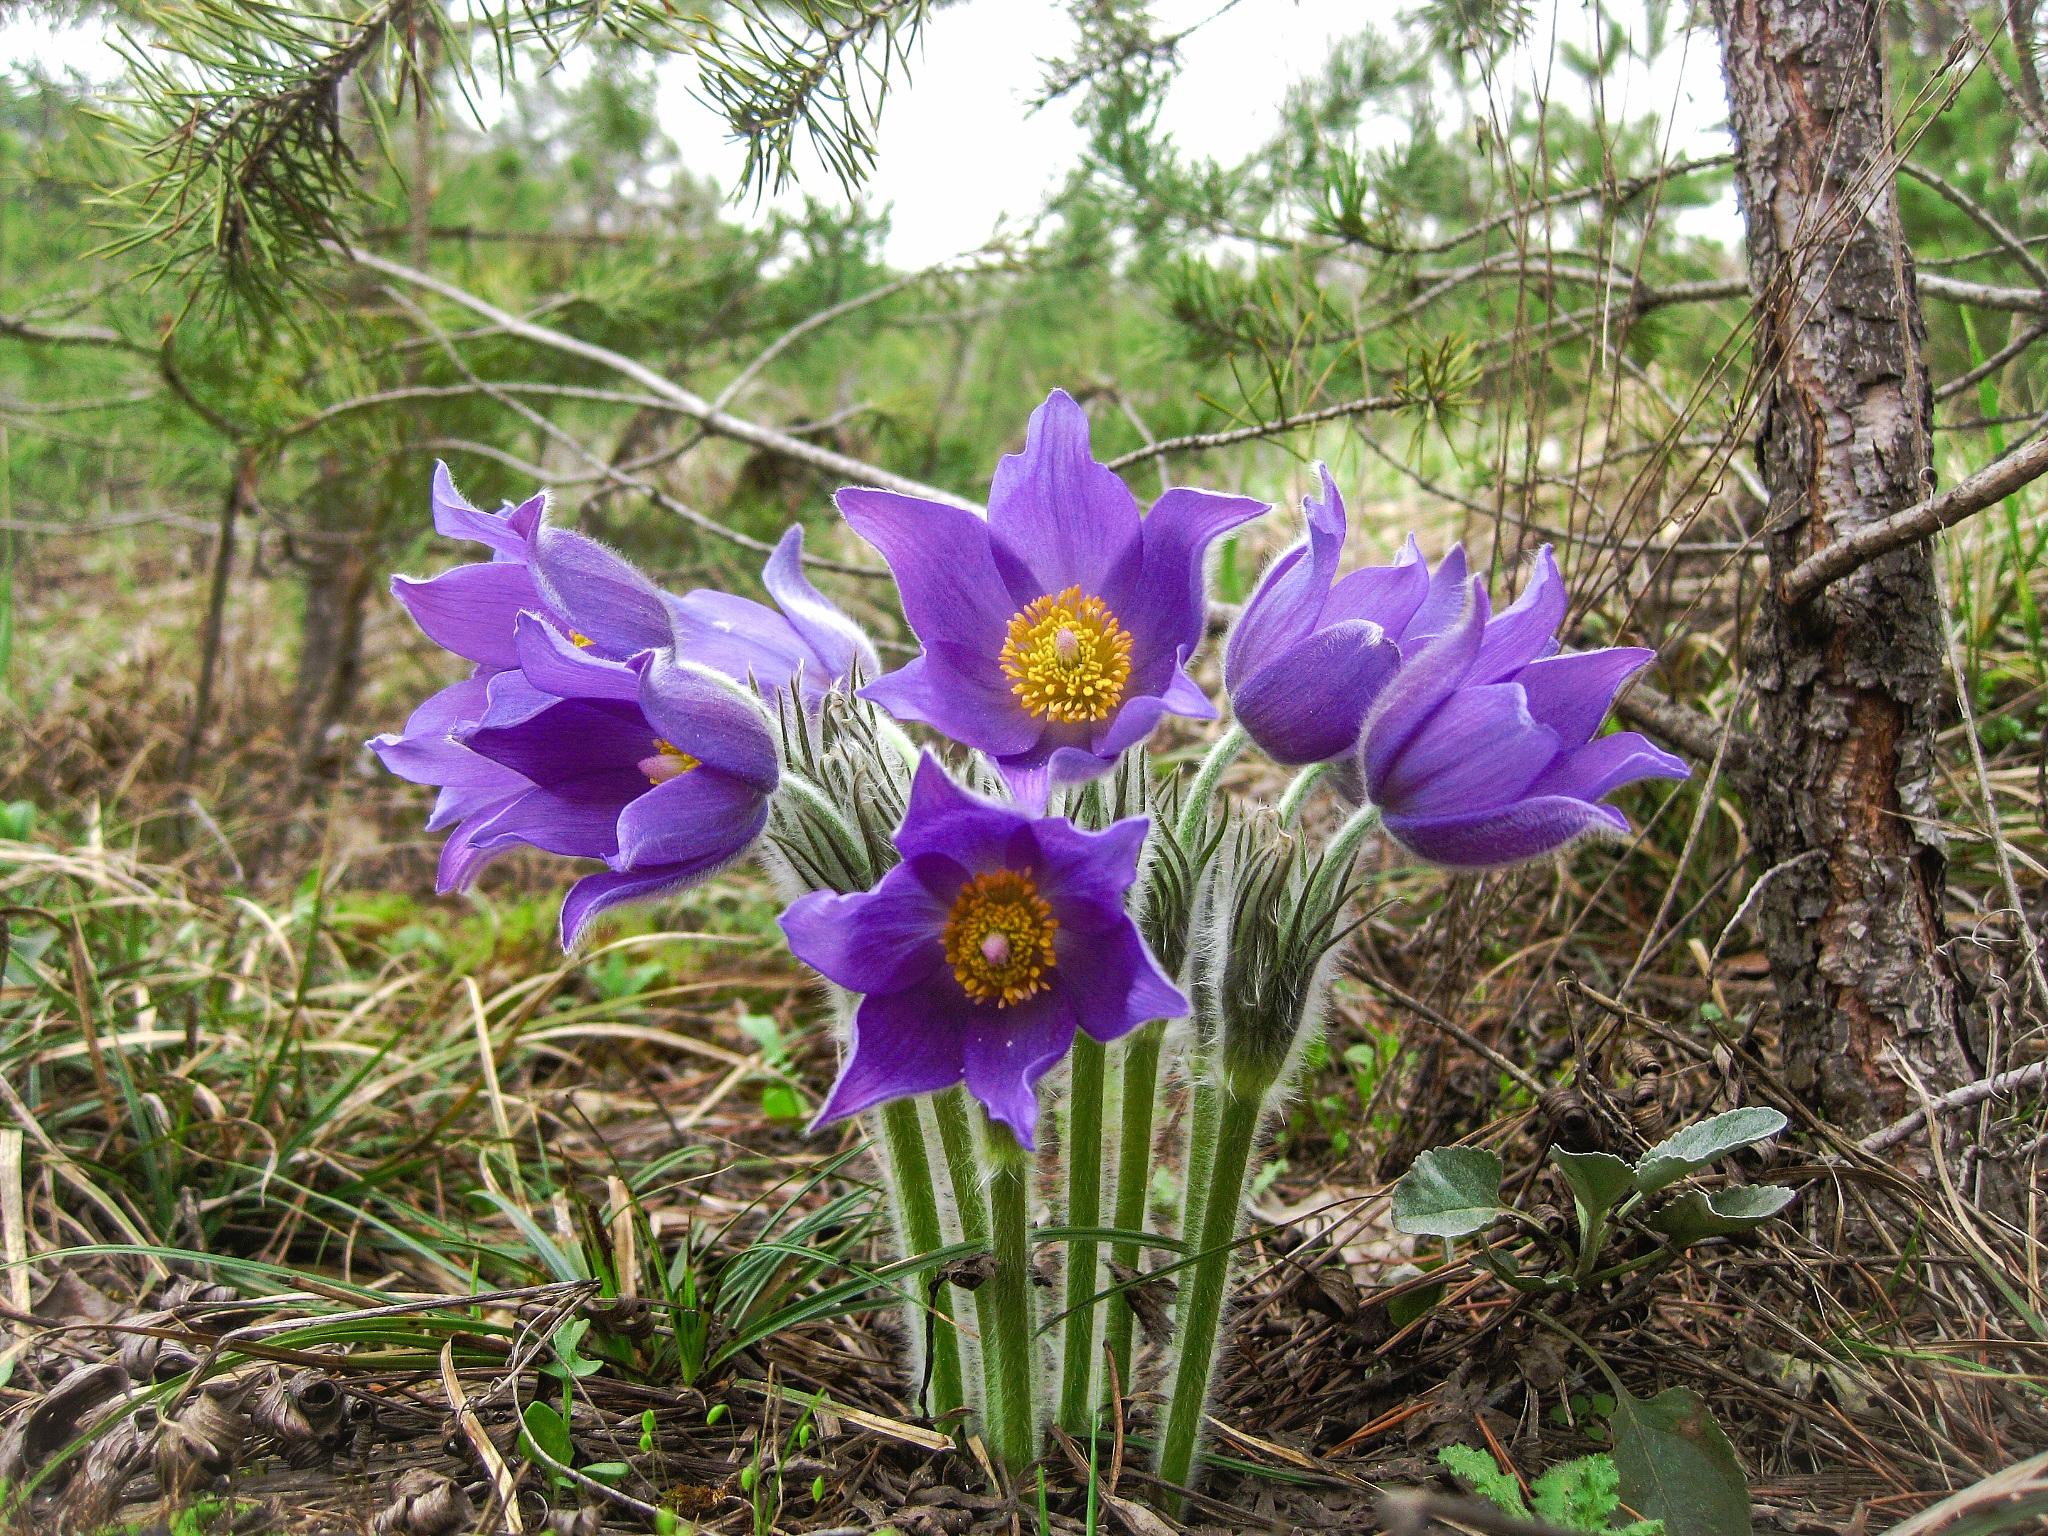 глазурь лесные цветы украины фото и названия однотонный желтый маникюр